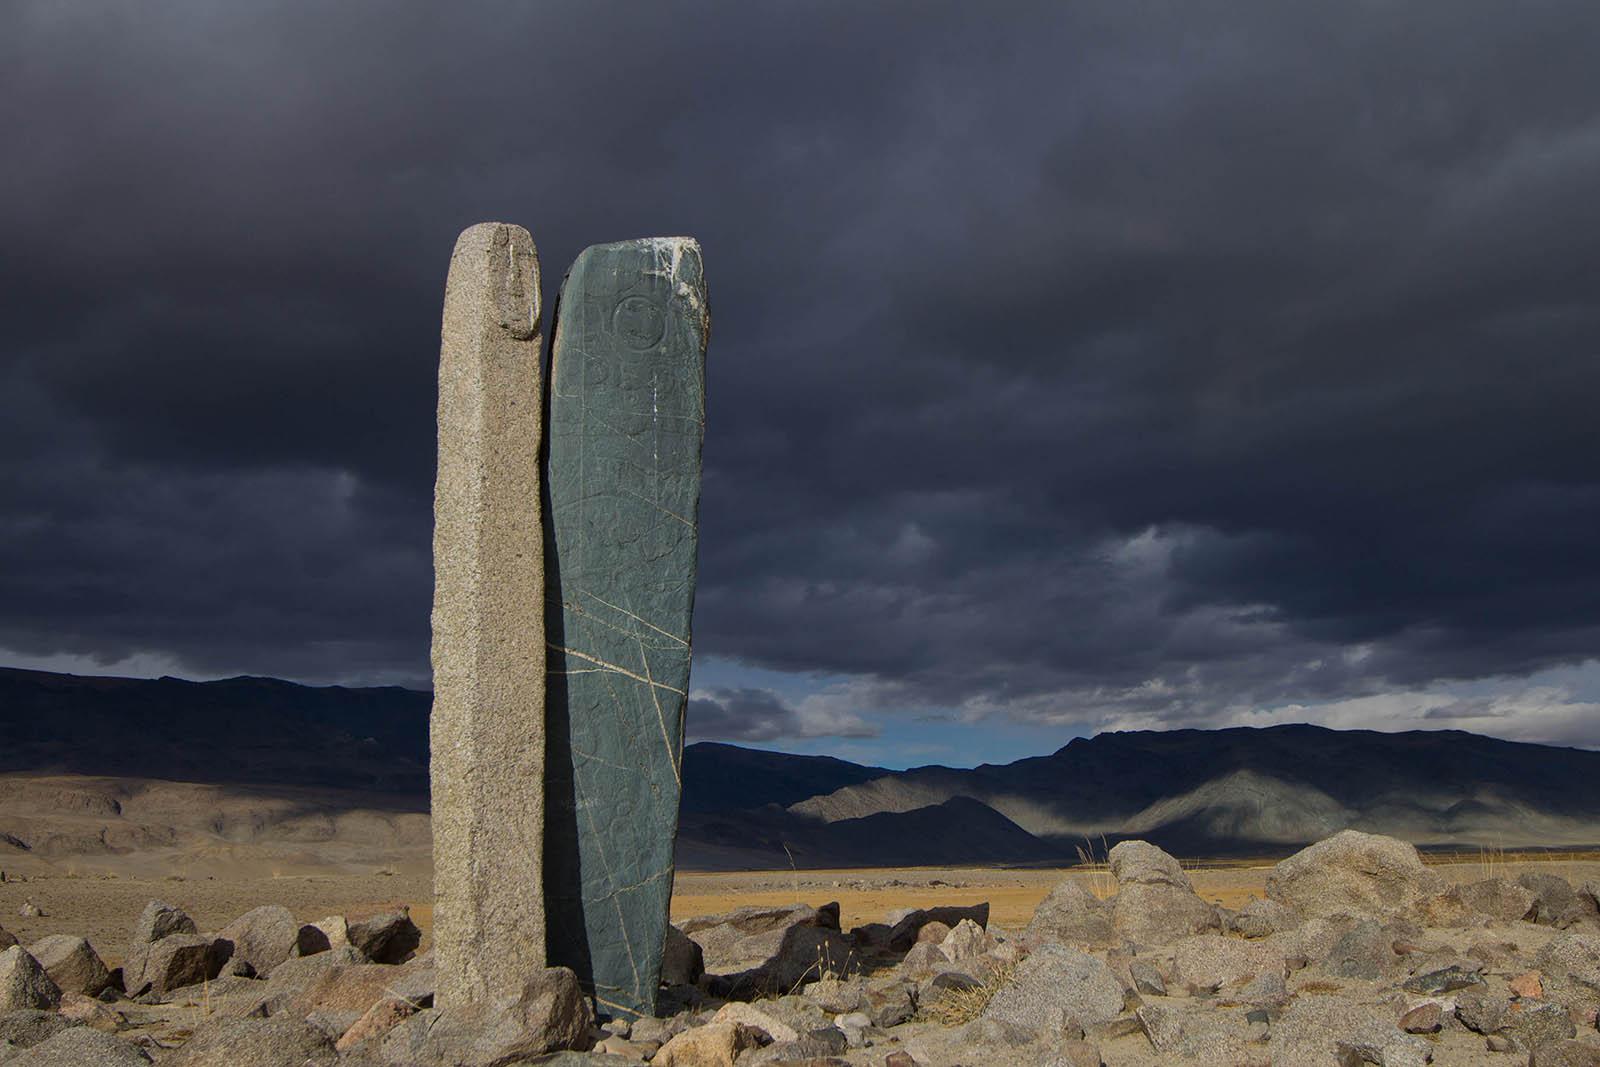 Steine mit Inschriften im Altai, Mongolei